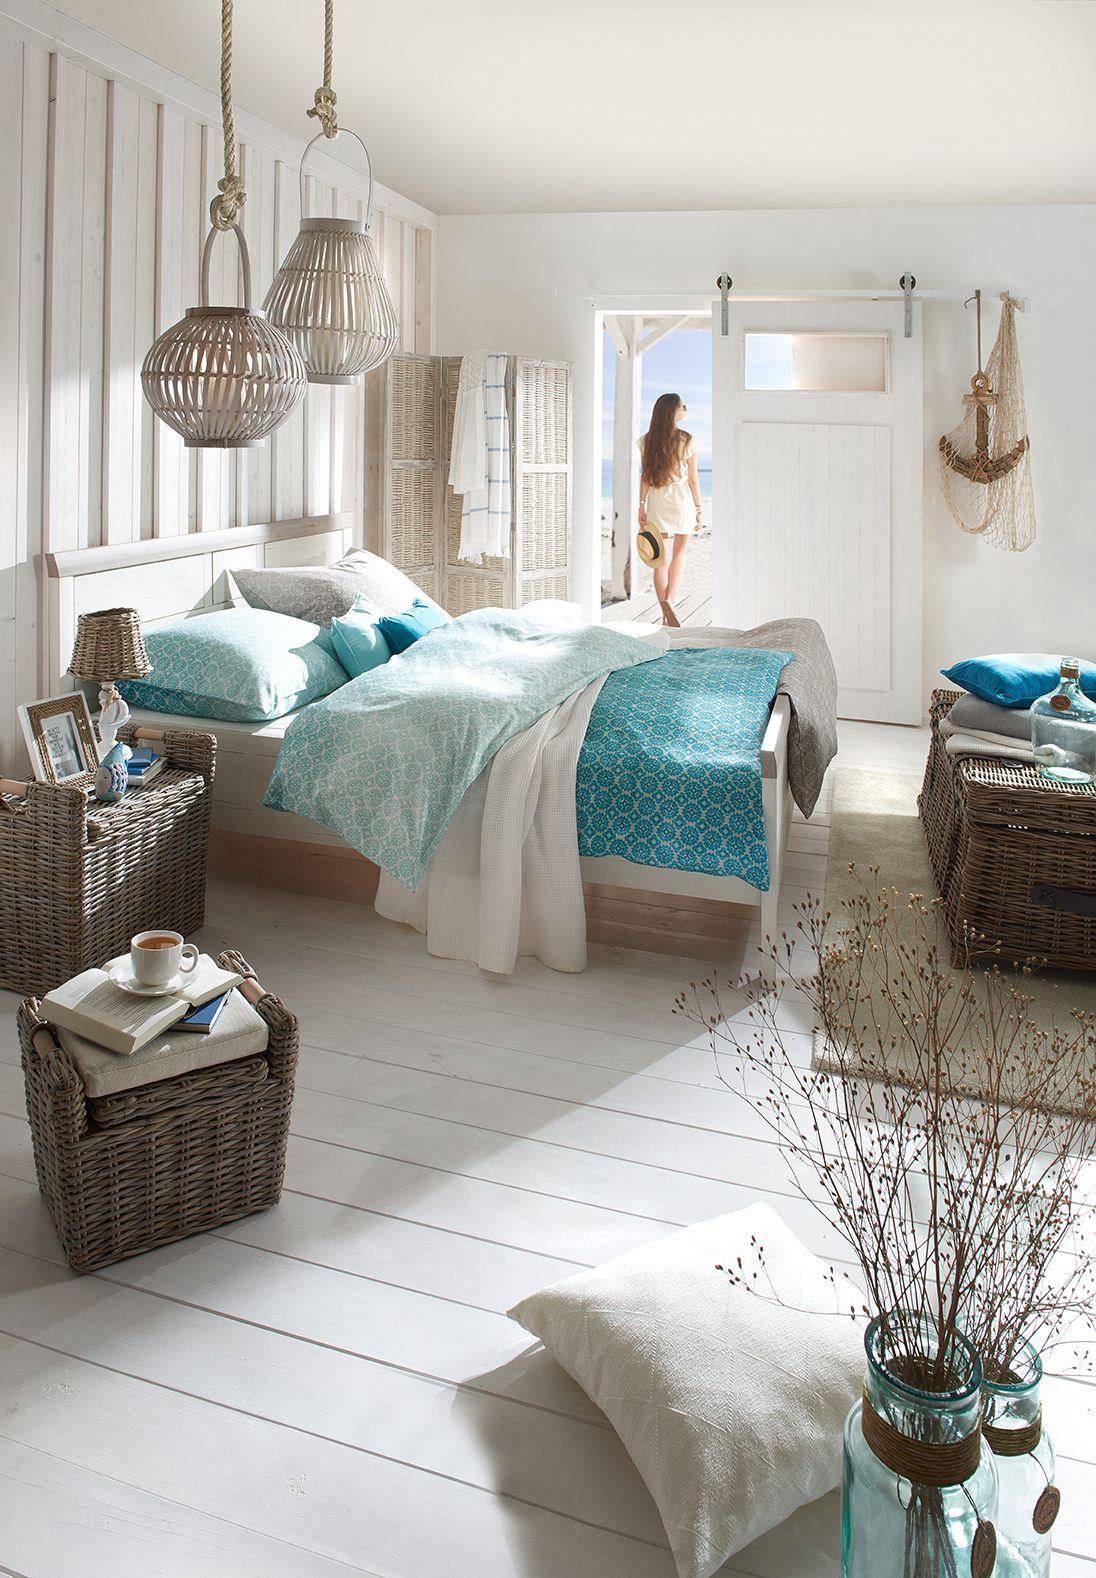 Schlafzimmer und Bett im StrandhausStil mit maritimen